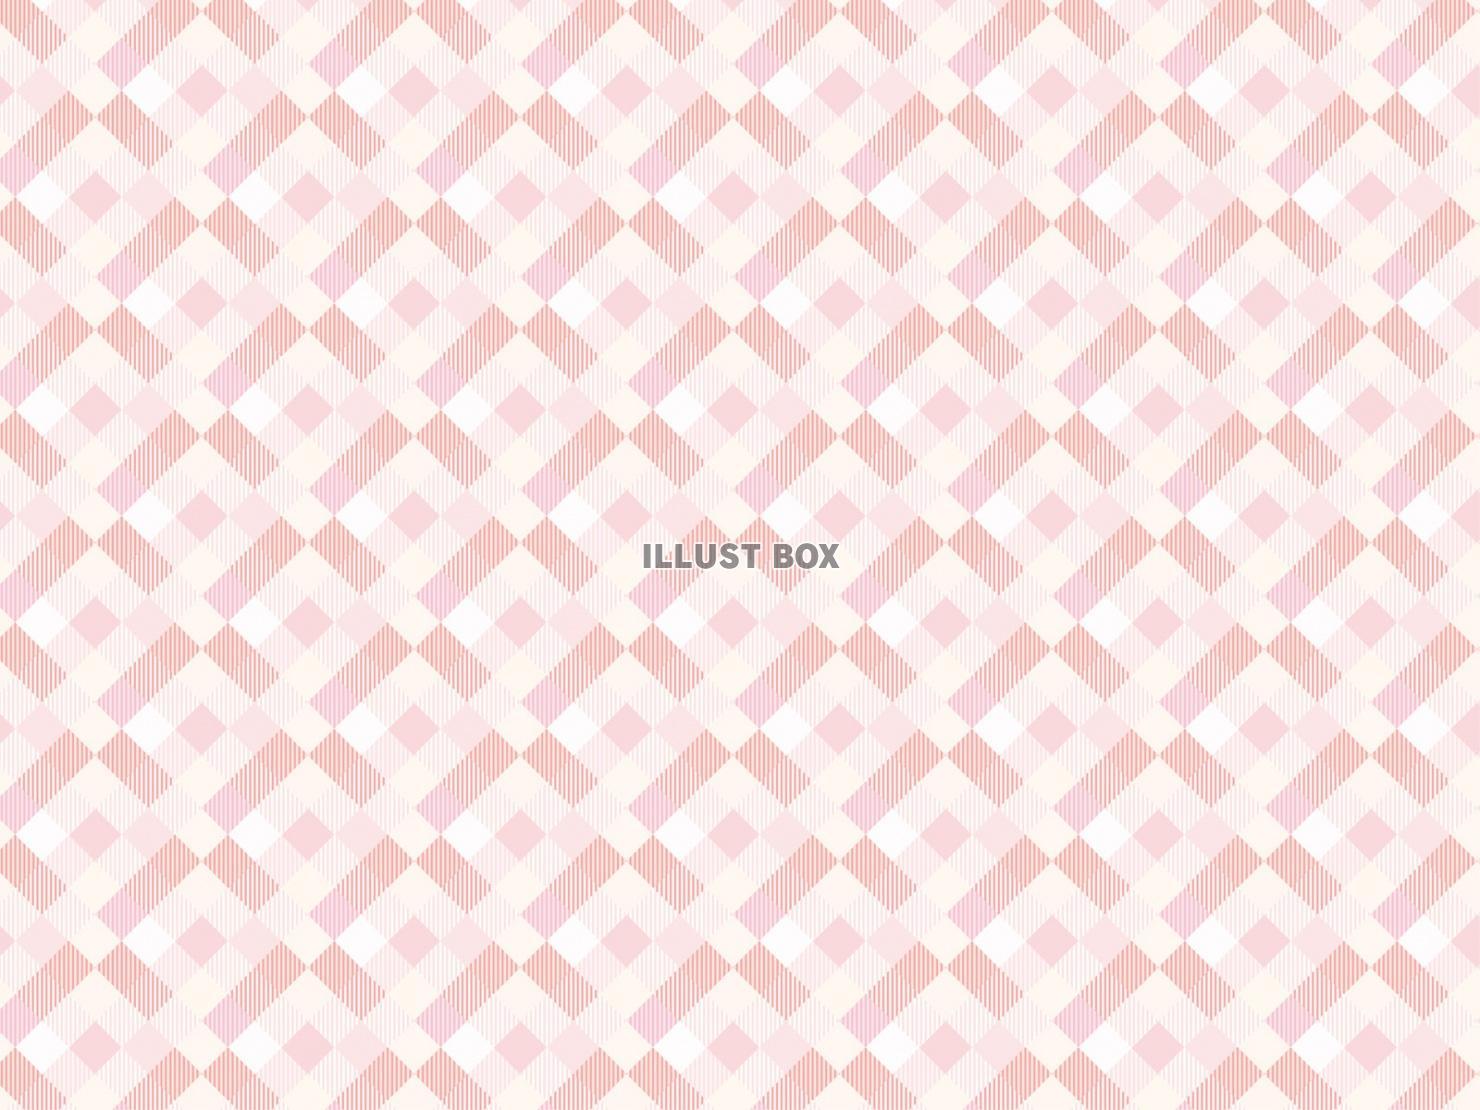 無料イラスト パターンピンク背景かわいいチェックシンプル壁紙飾り